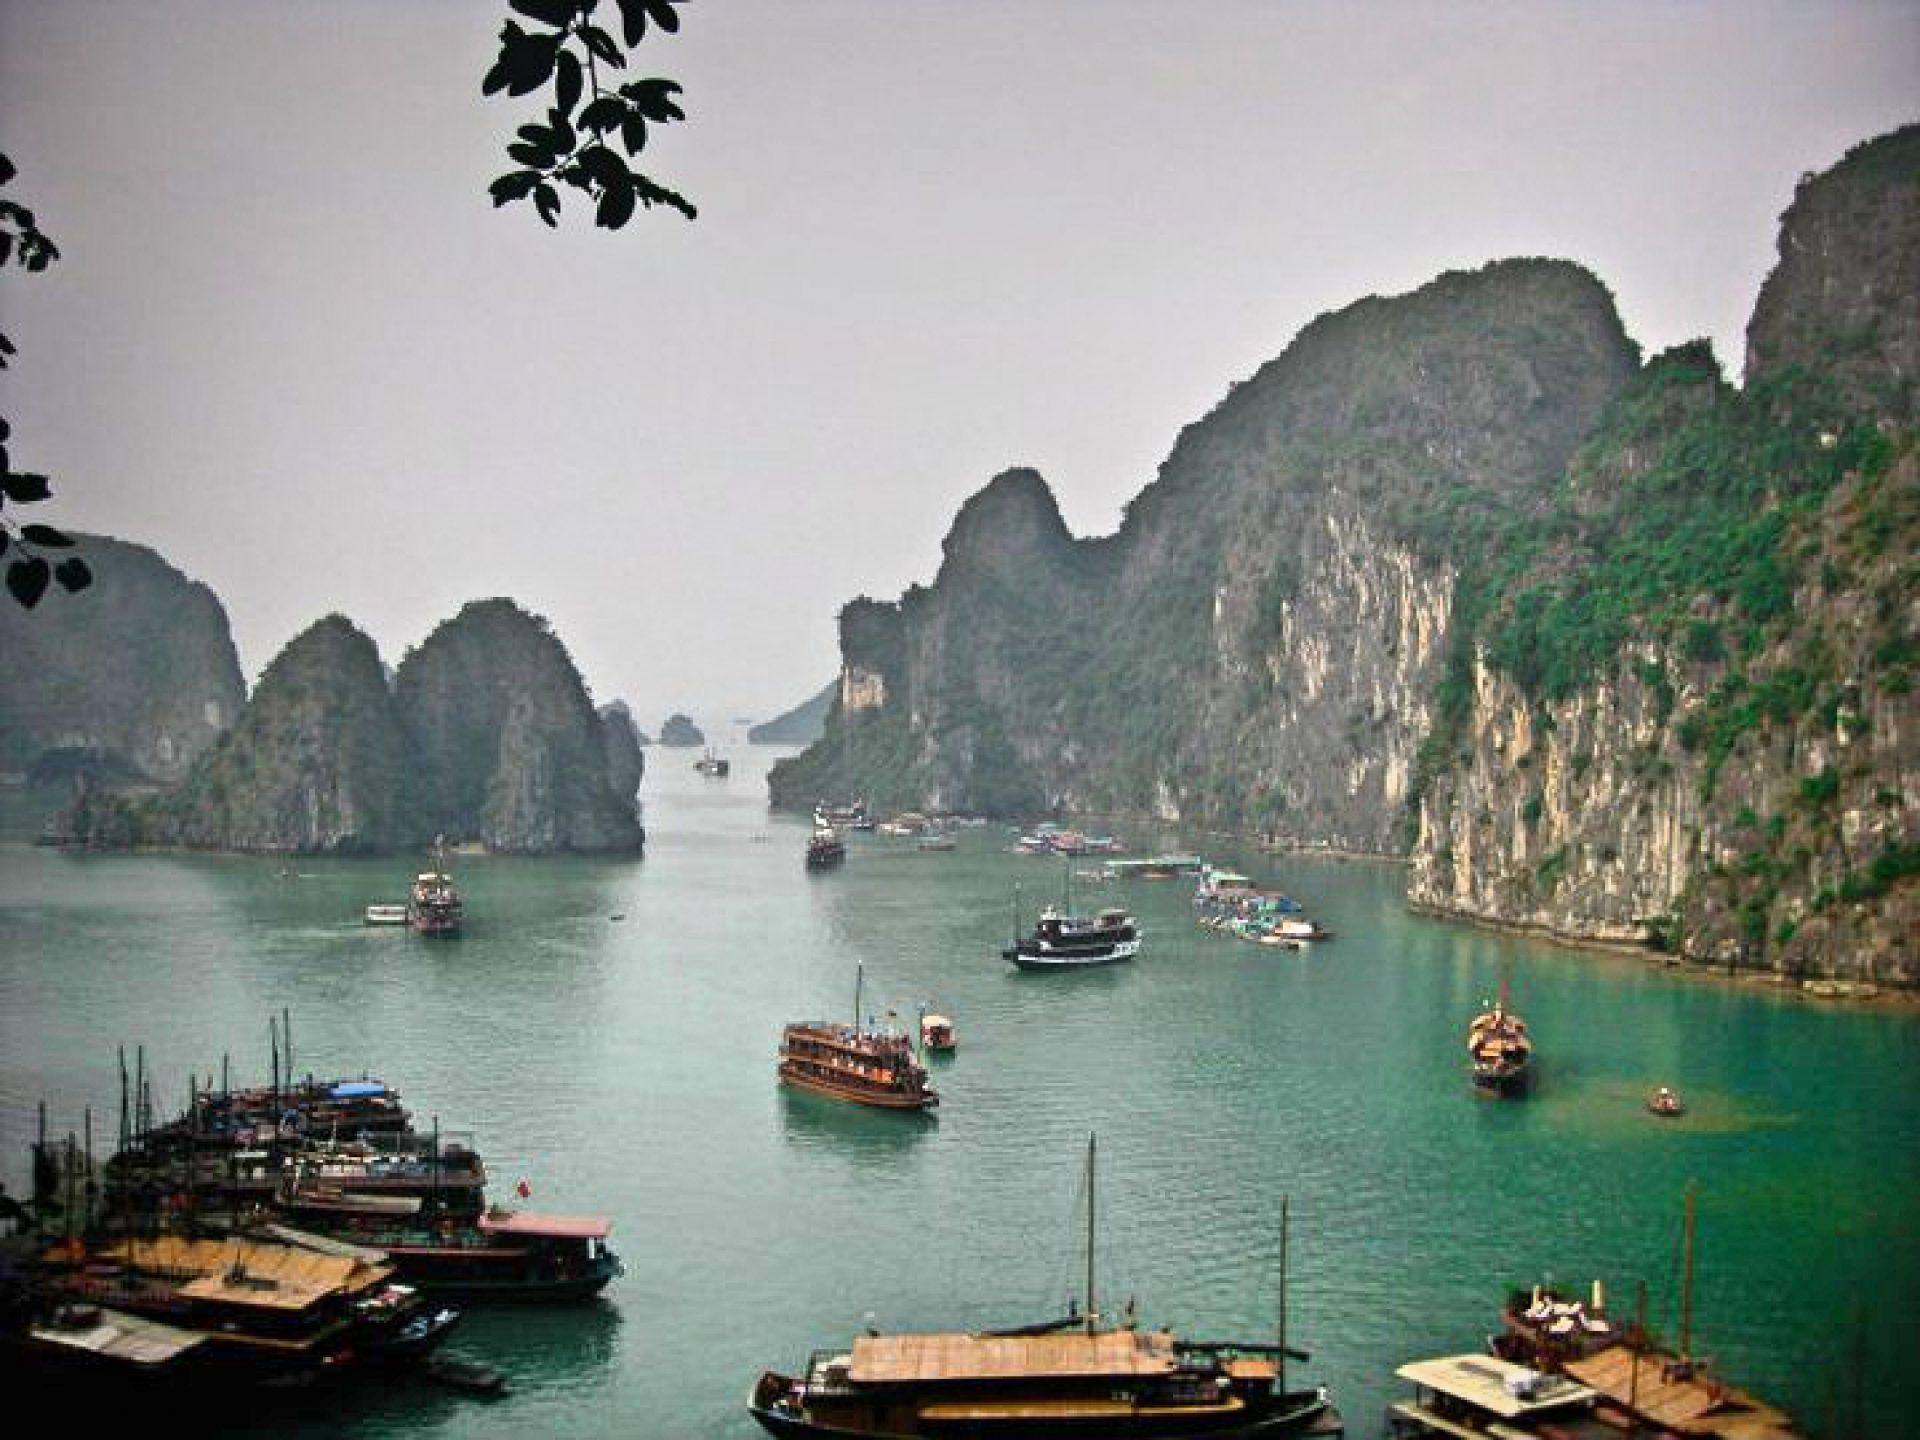 טיול לוייטנאם וקמבודיה